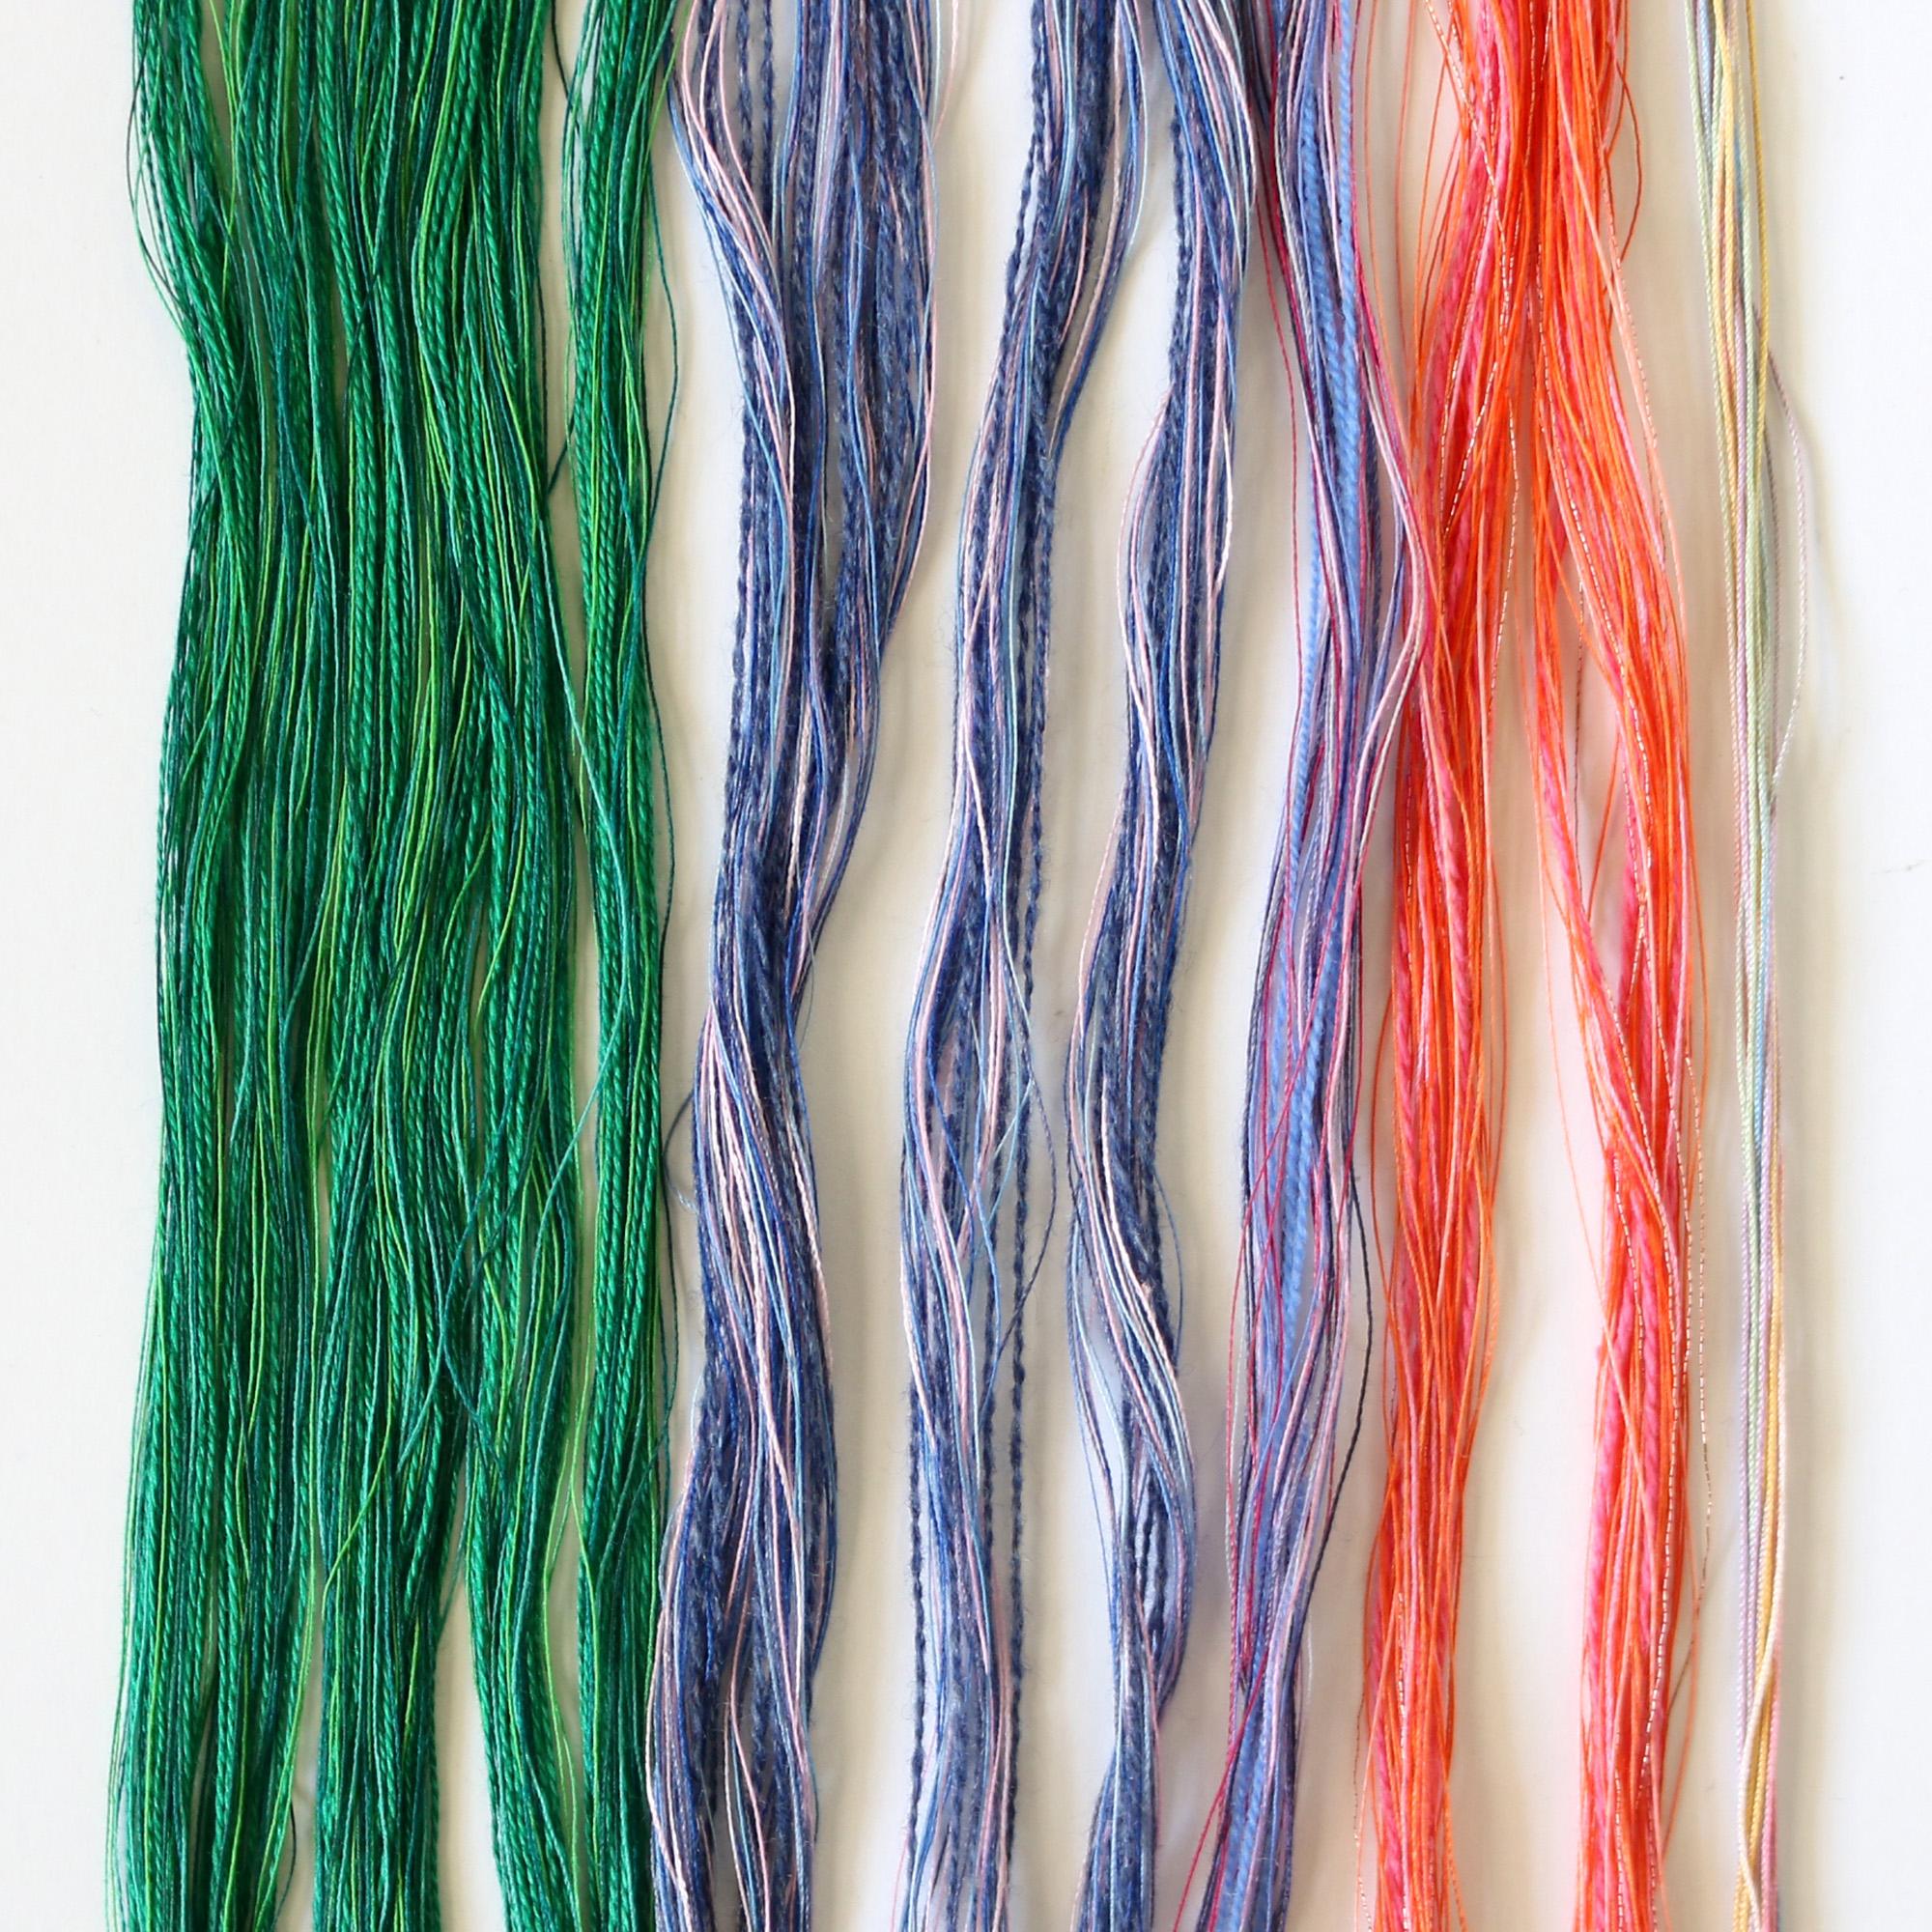 thread-fringe-8.jpg